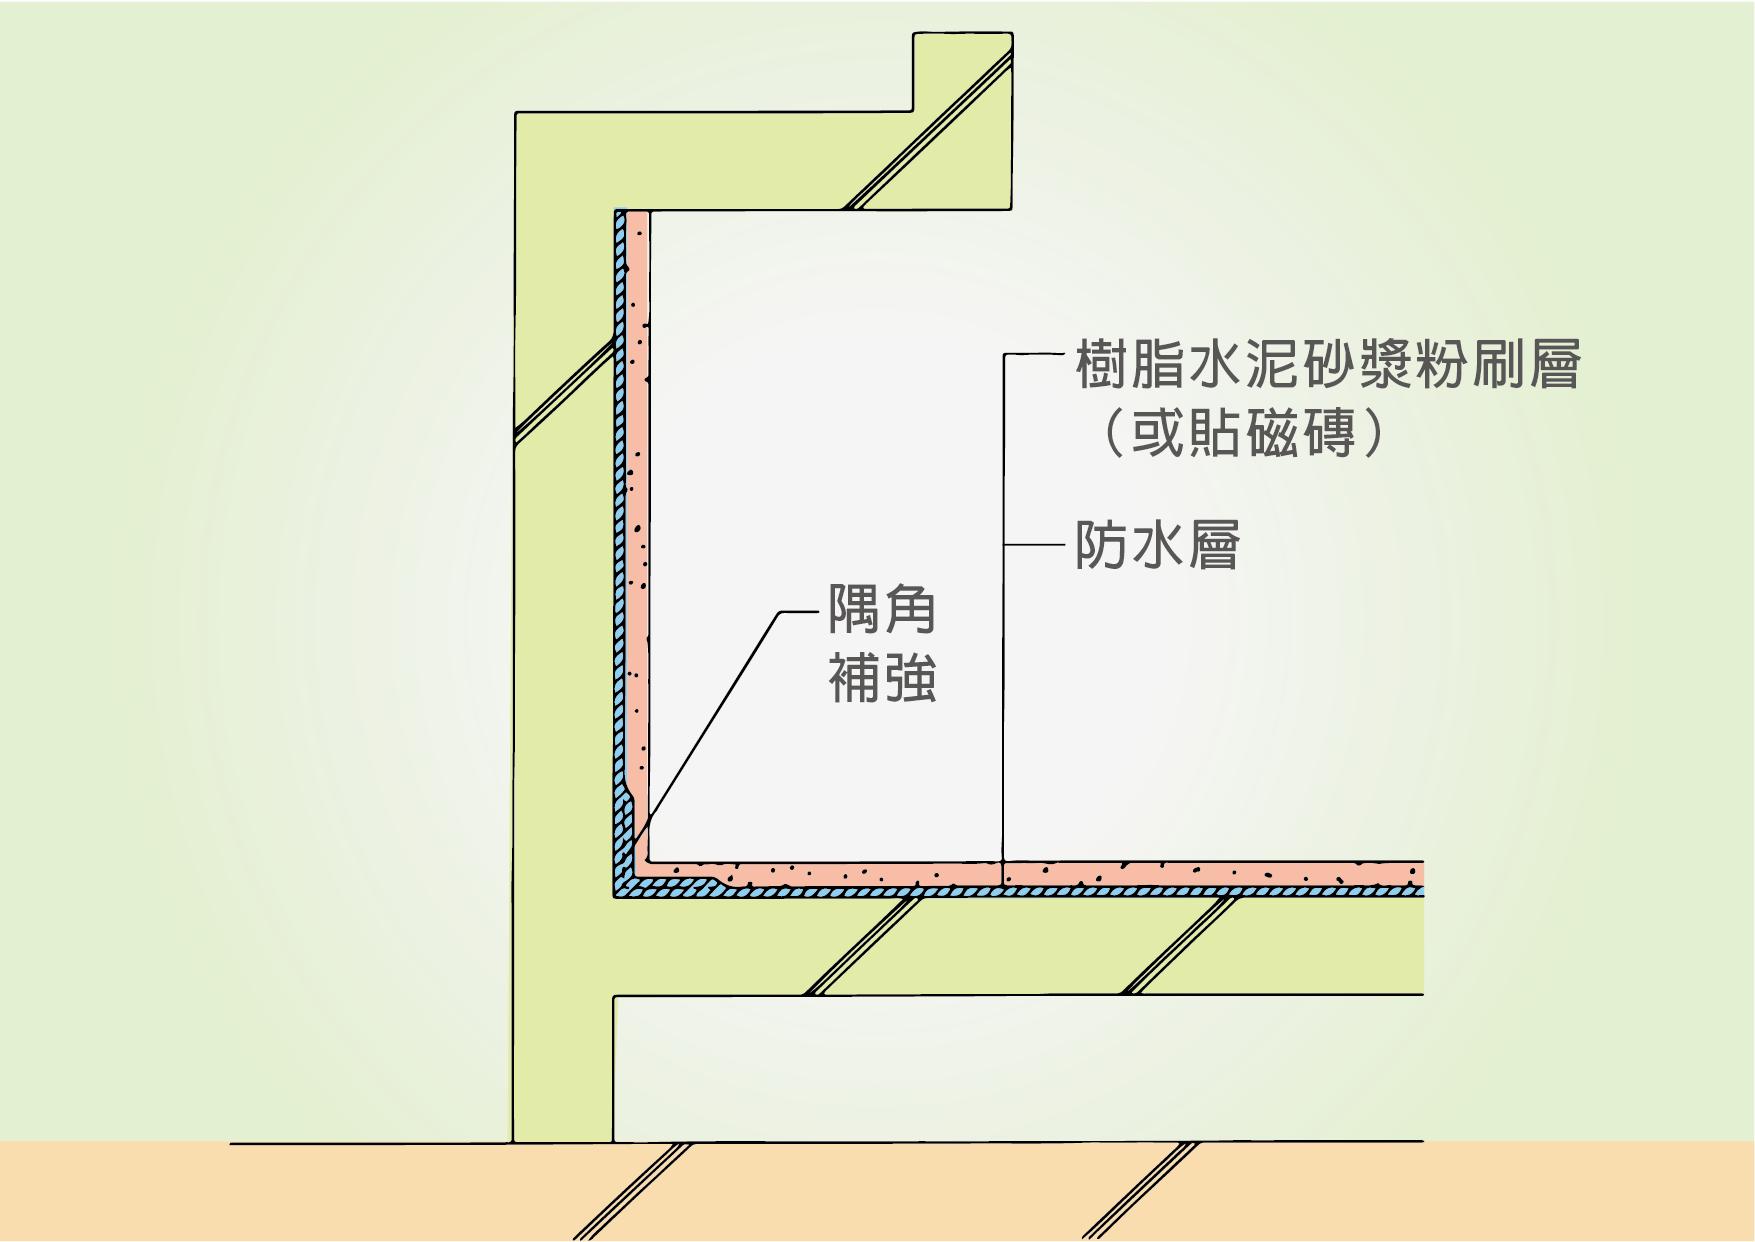 圖2-4-84.png